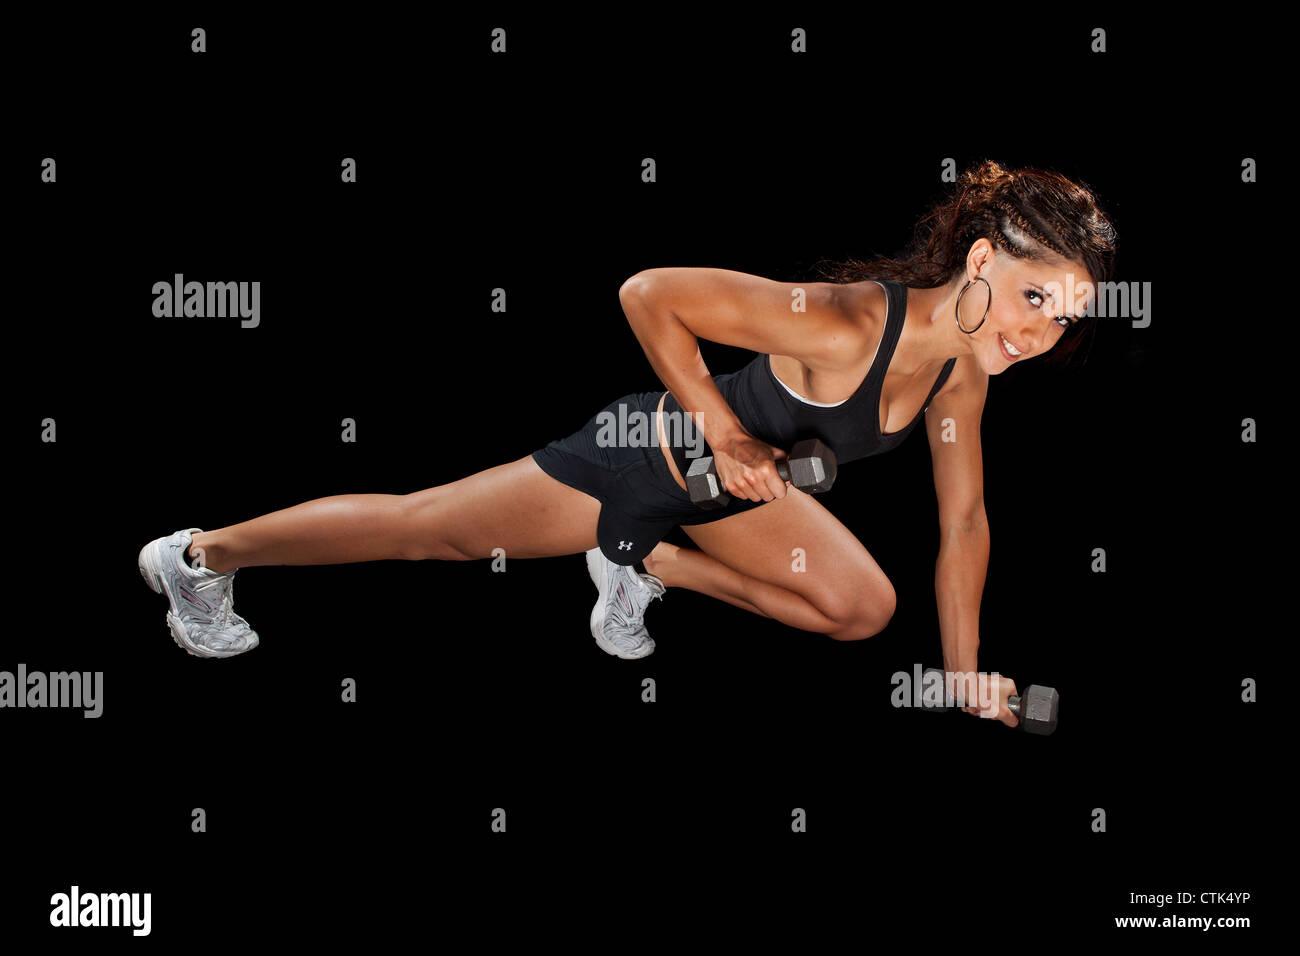 Ausübung Fitness Tänzer dabei drücken sich Übung mit Gewichten Sport Modell vor schwarzem Hintergrund Studiobeleuchtung. Stockfoto